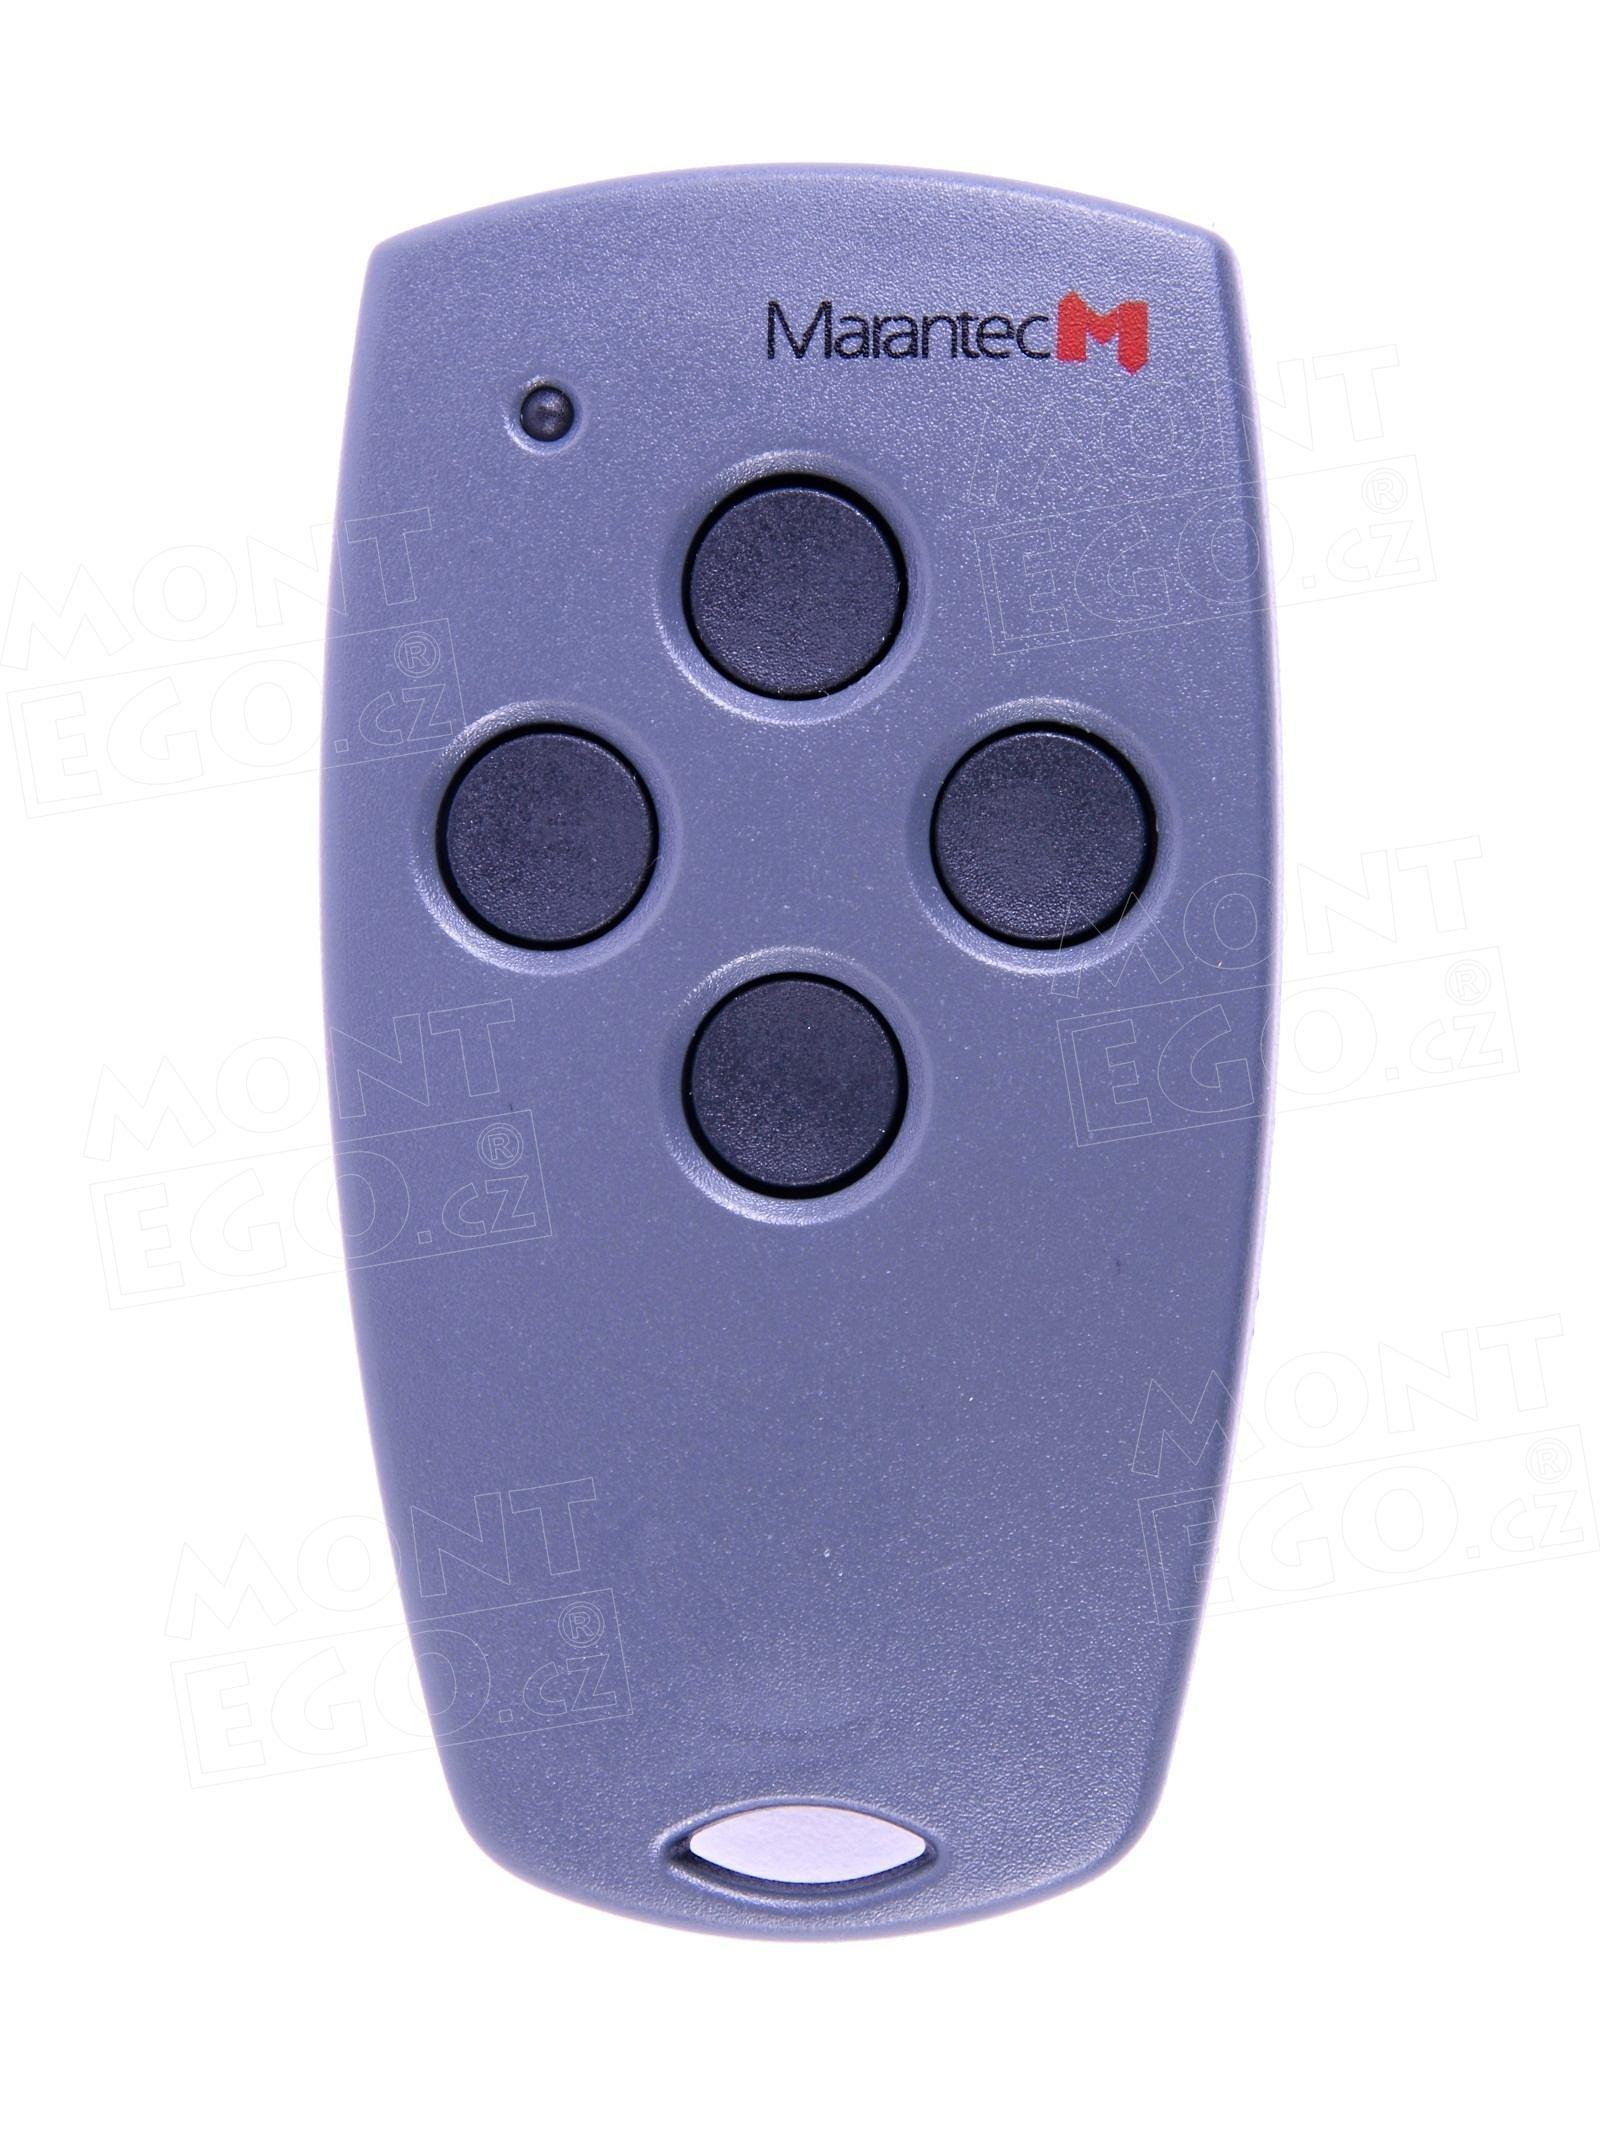 4 tlačítkový dálkový ovladač Marantec Digital 304, 4 kanálový ovladač, 433,92 MHz